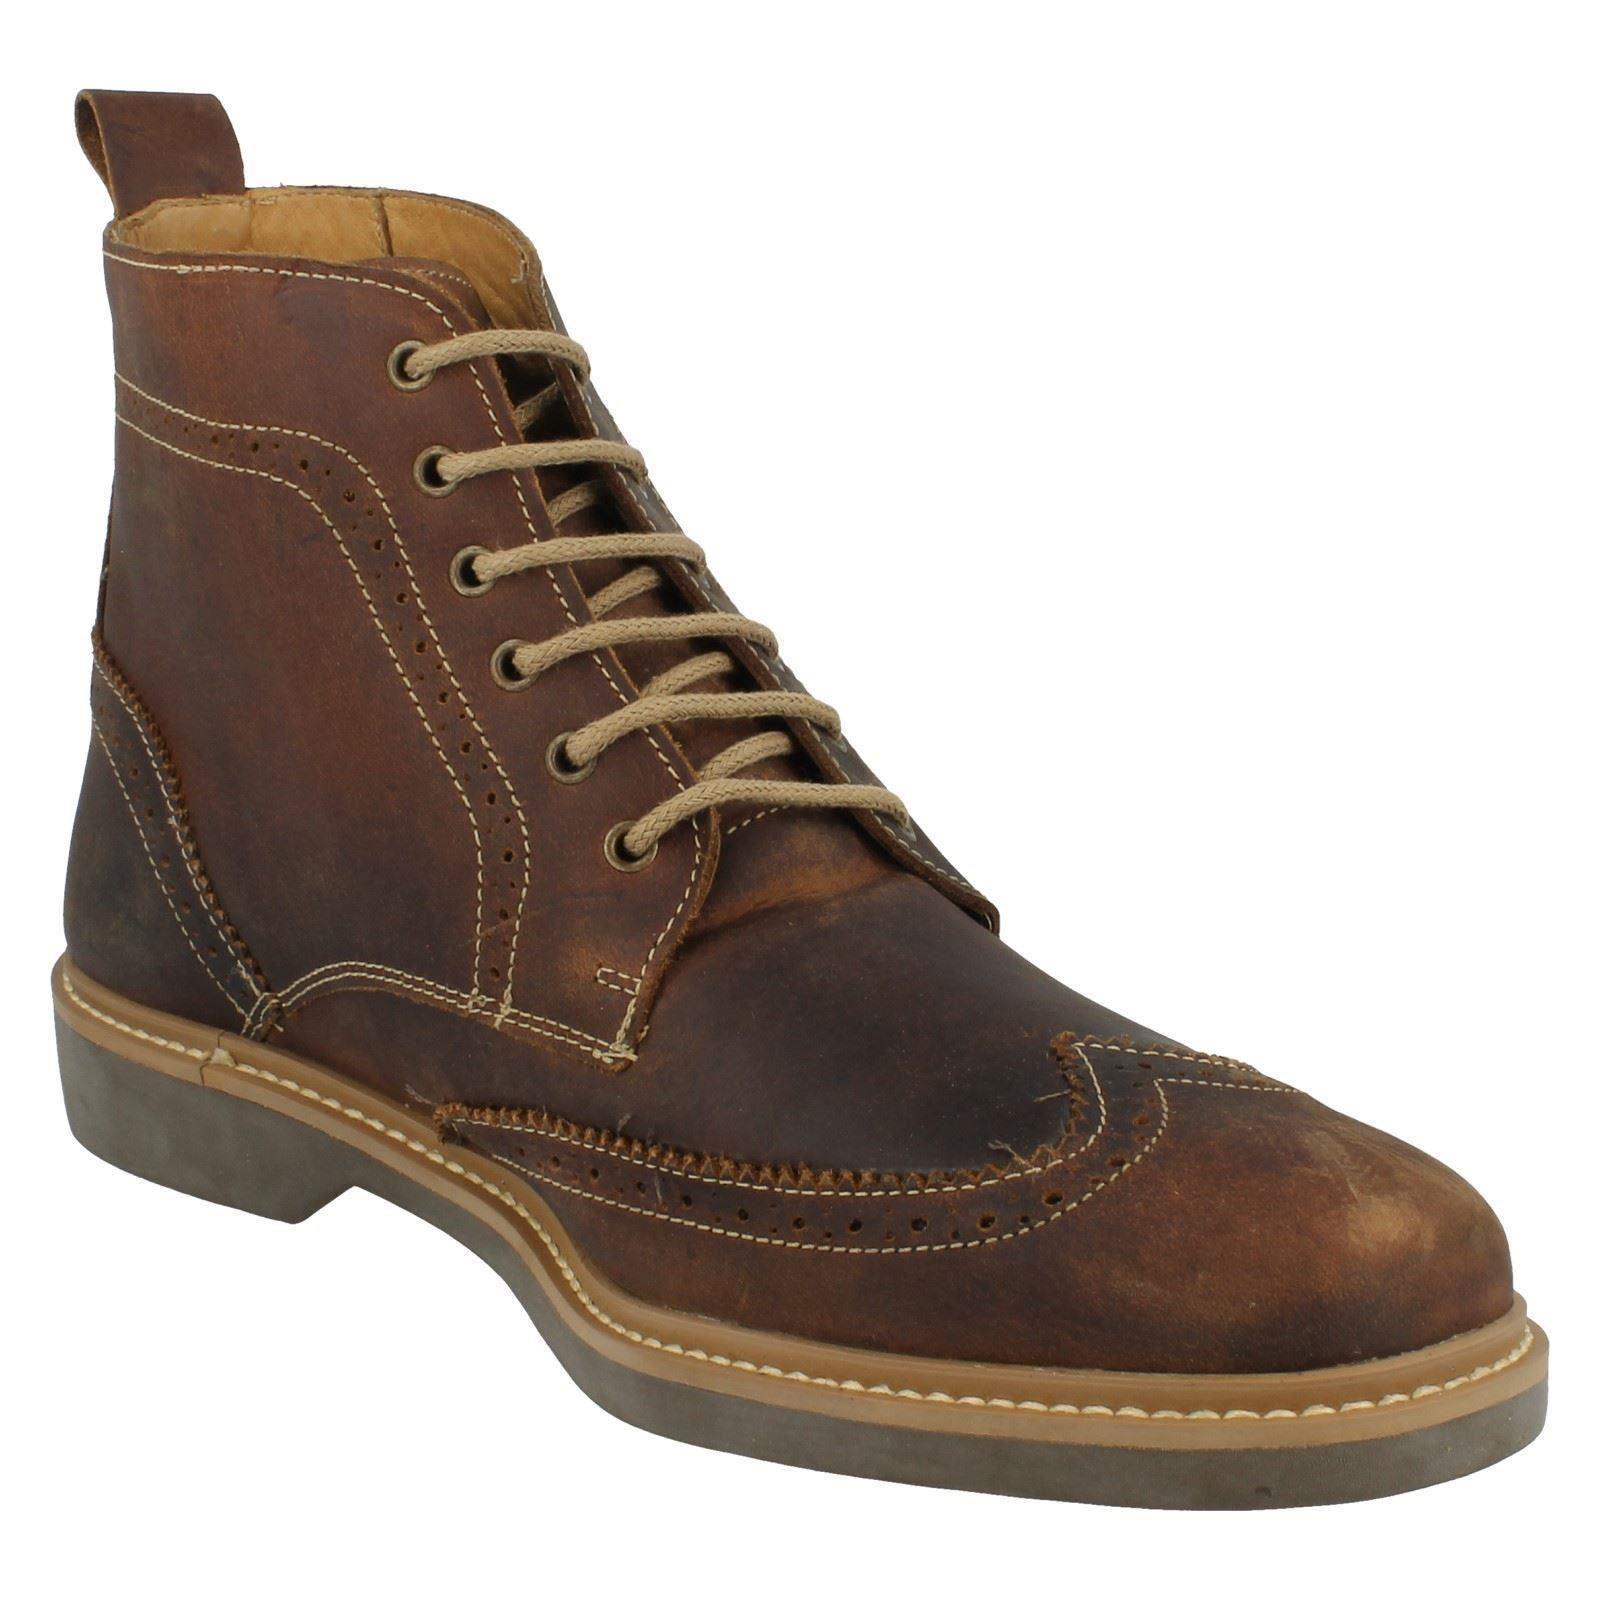 Mens Anatomic Anatomic Anatomic & Co Brogue Boots 'Nova' Style ~ K 148b7c